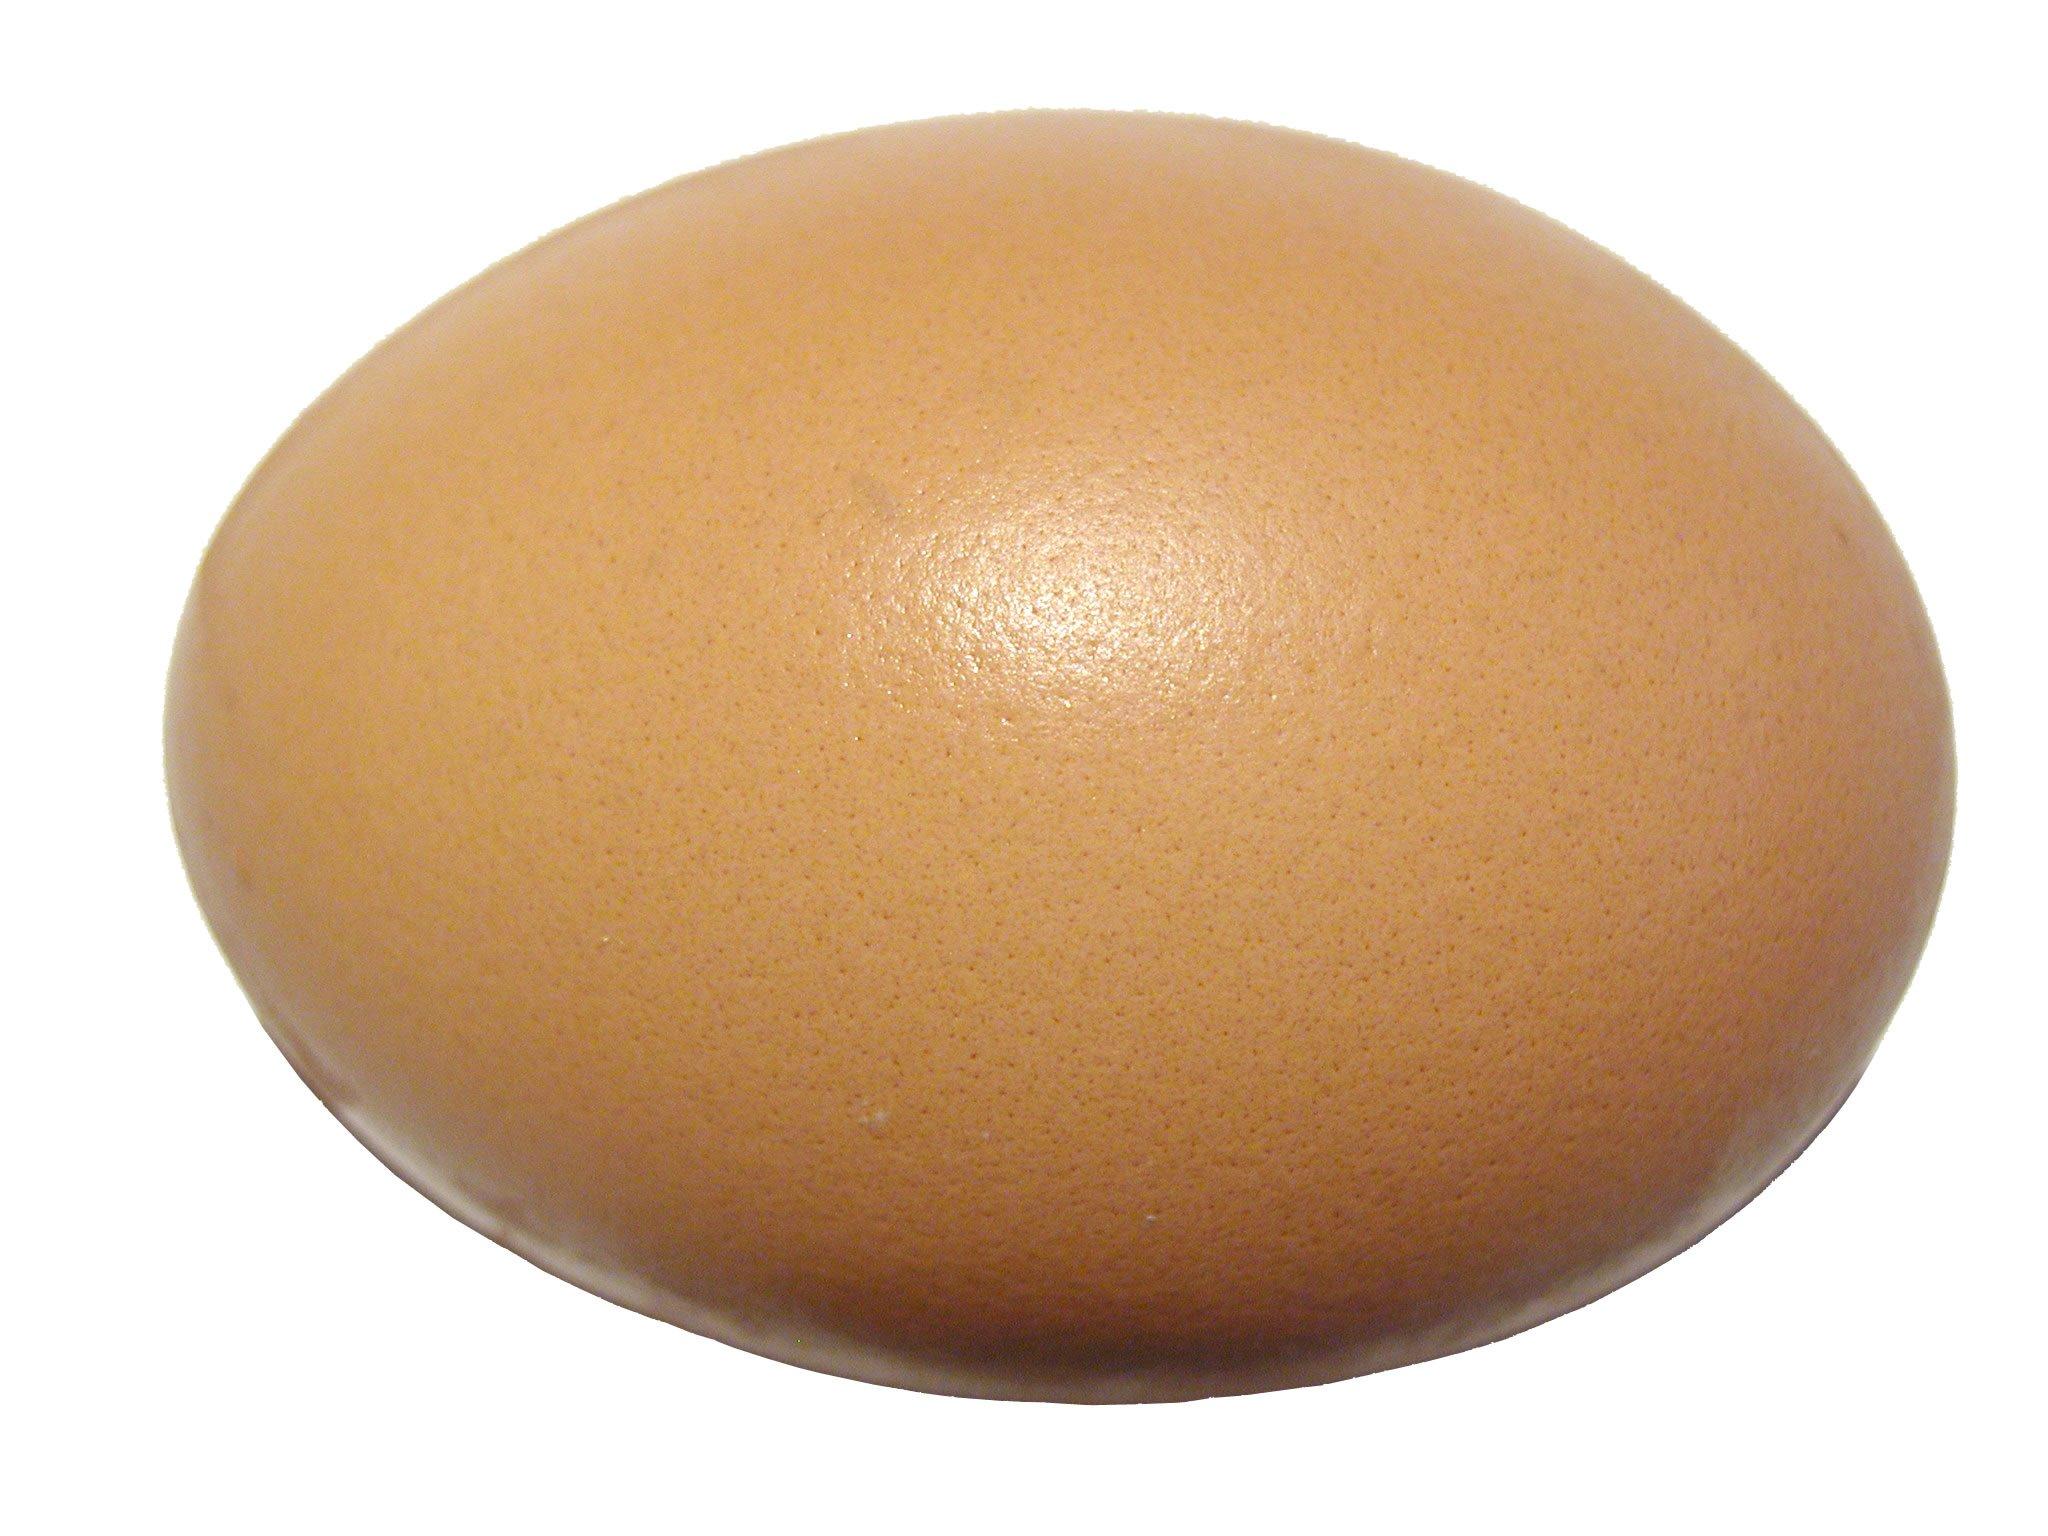 Fotos gratis aislado comida ingrediente cocinar for Cocinar yemas de huevo